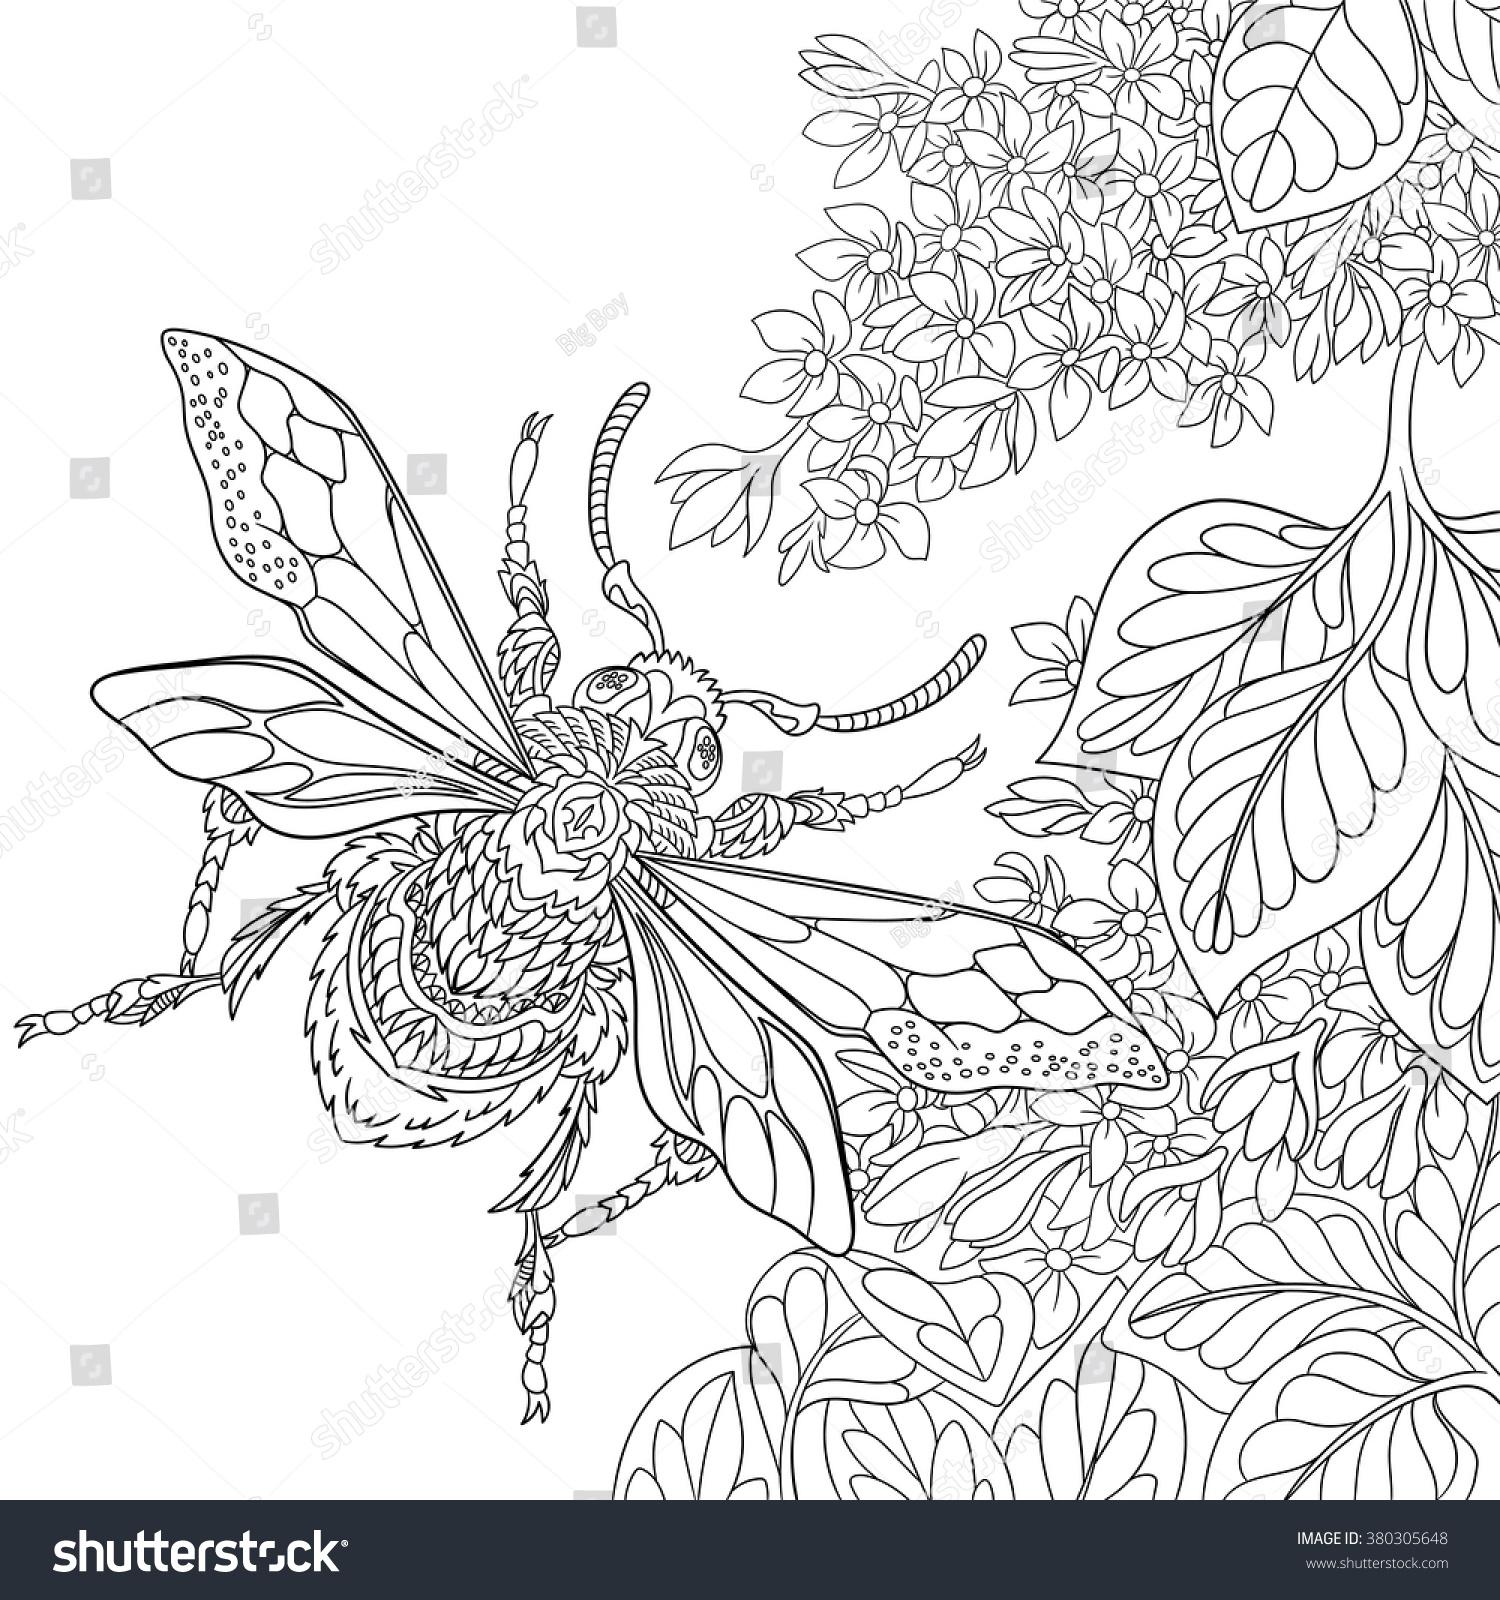 Zentangle Stylized Cartoon Beetle Insect Flying Stock Vector (2018 ...